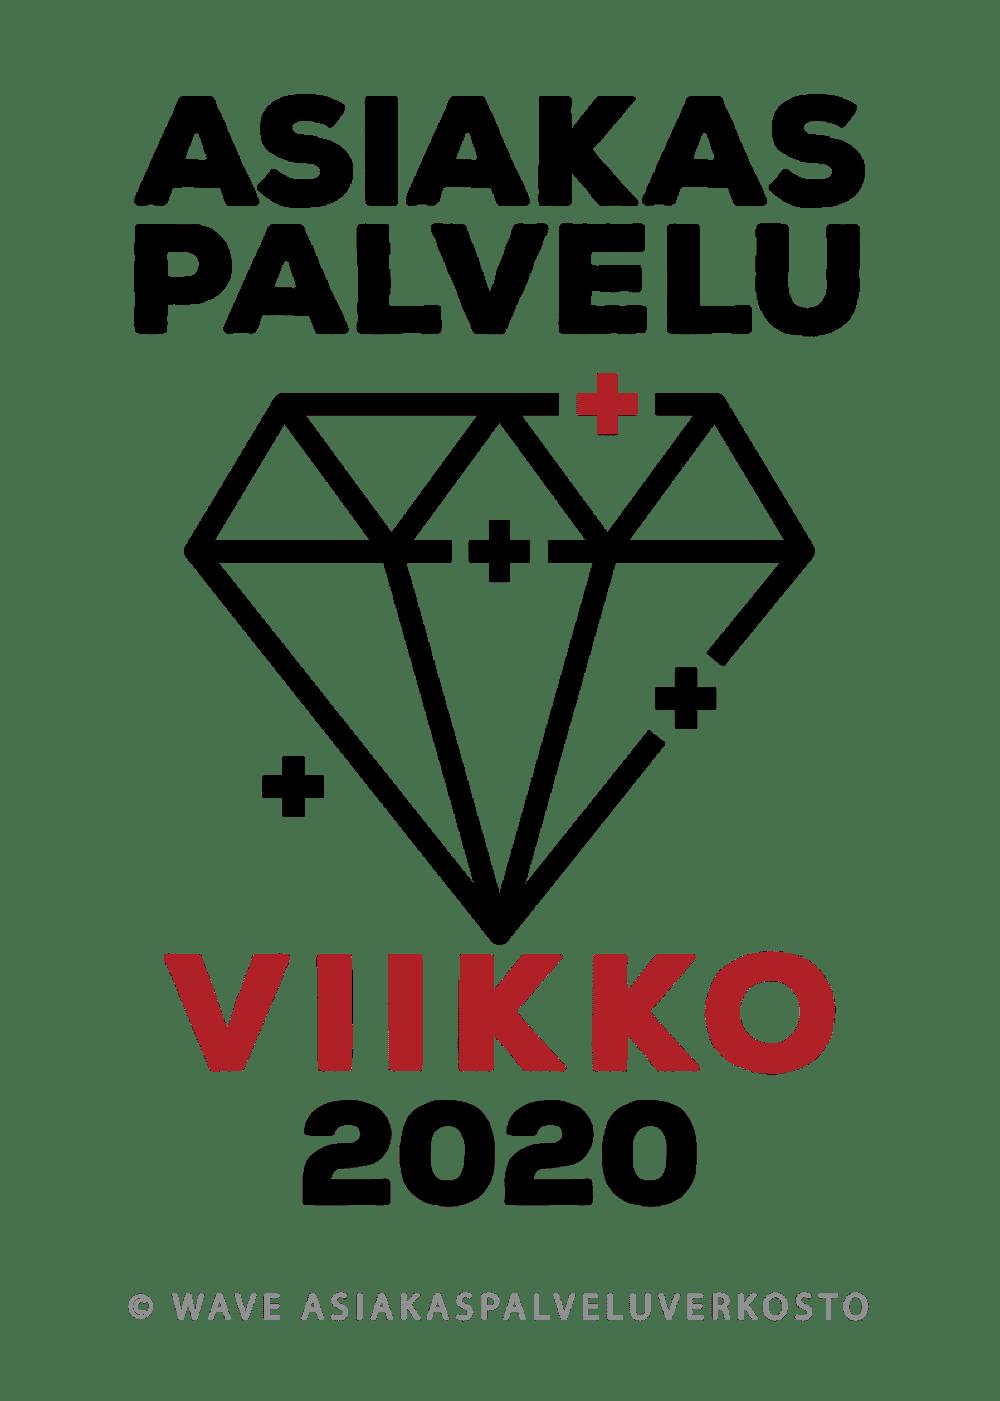 Asiakaspalveluviikko 2020 Wave